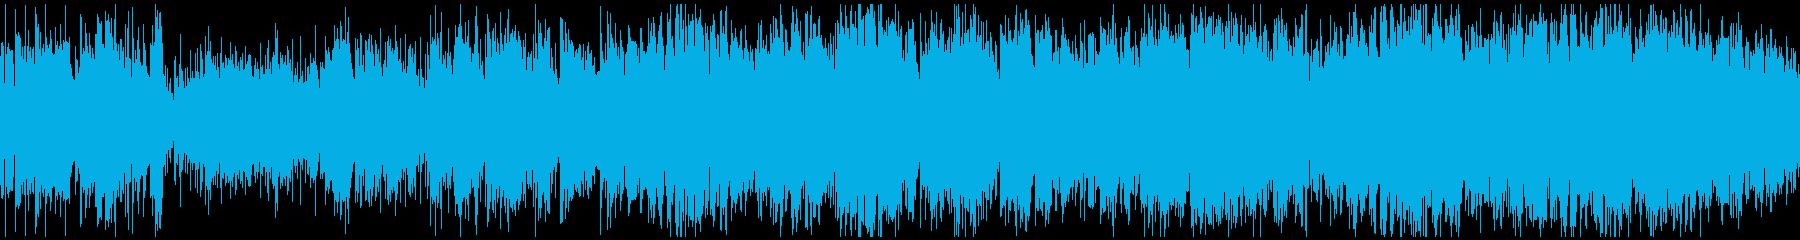 元気アコースティックポップス ※ループ版の再生済みの波形